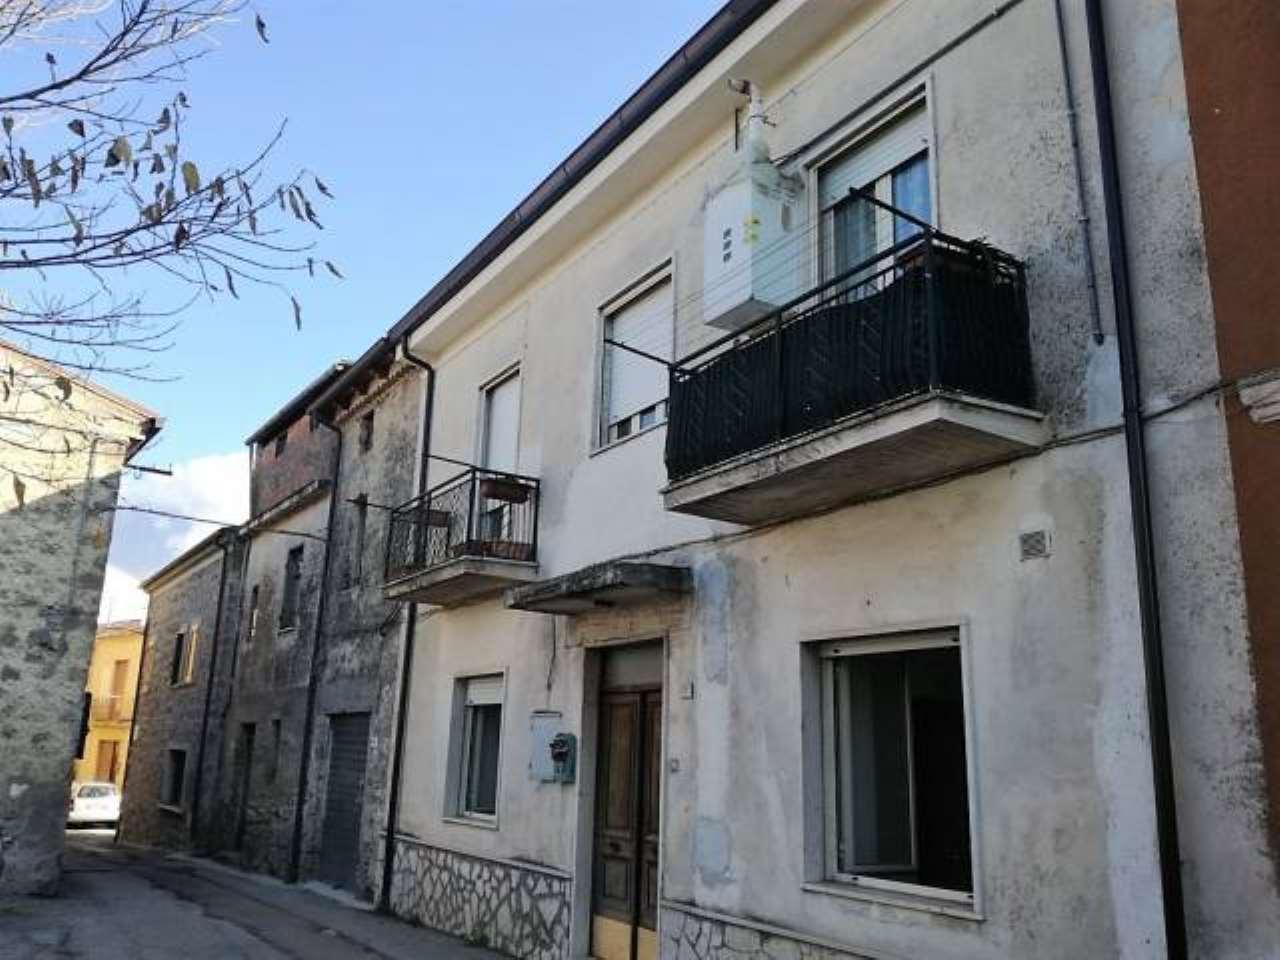 Appartamento in vendita a Aquino, 4 locali, prezzo € 58.000 | CambioCasa.it